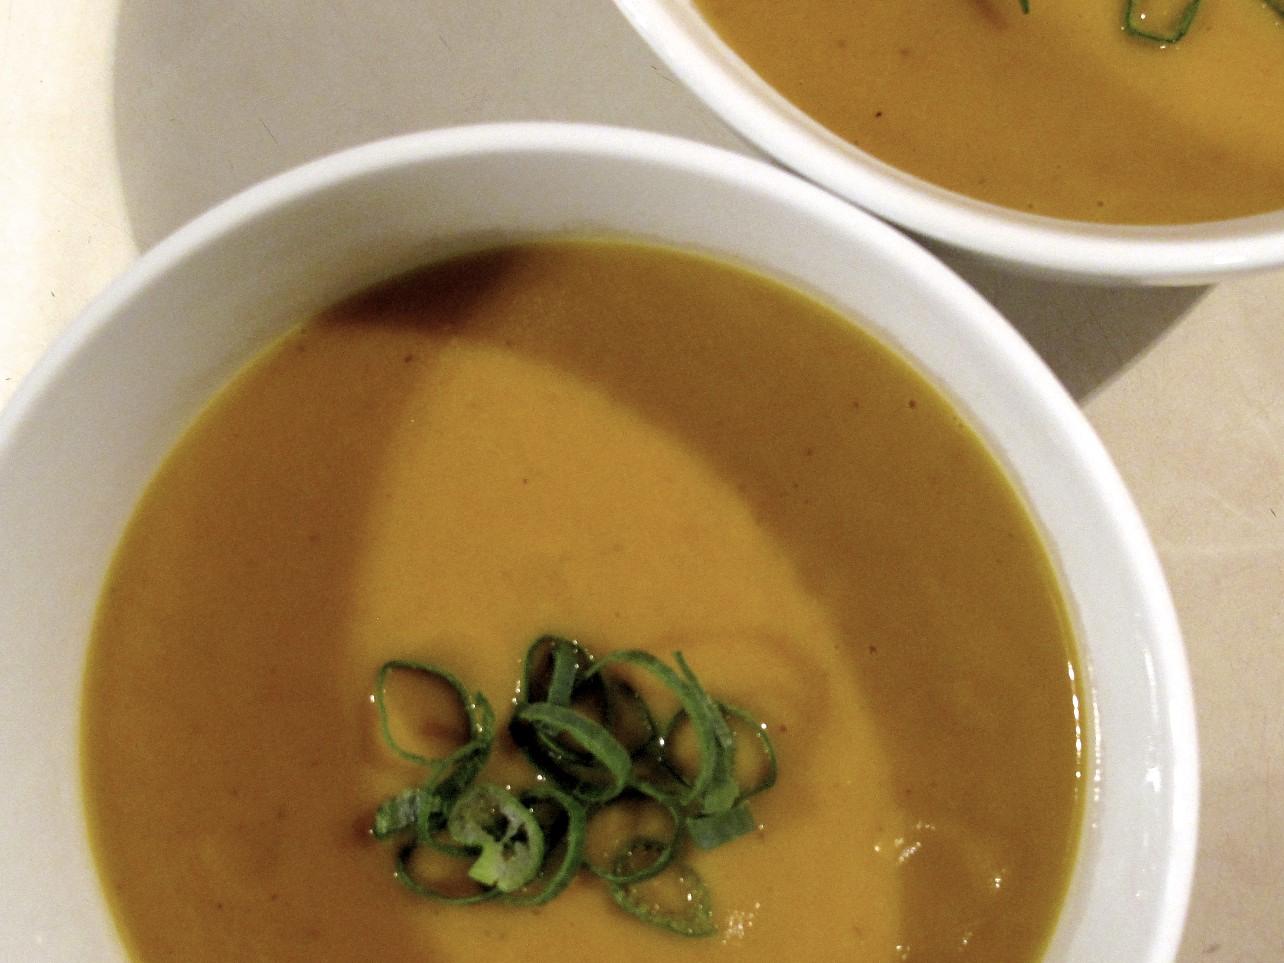 christine cooks vegetarian: Greens restaurant Black Bean Chili